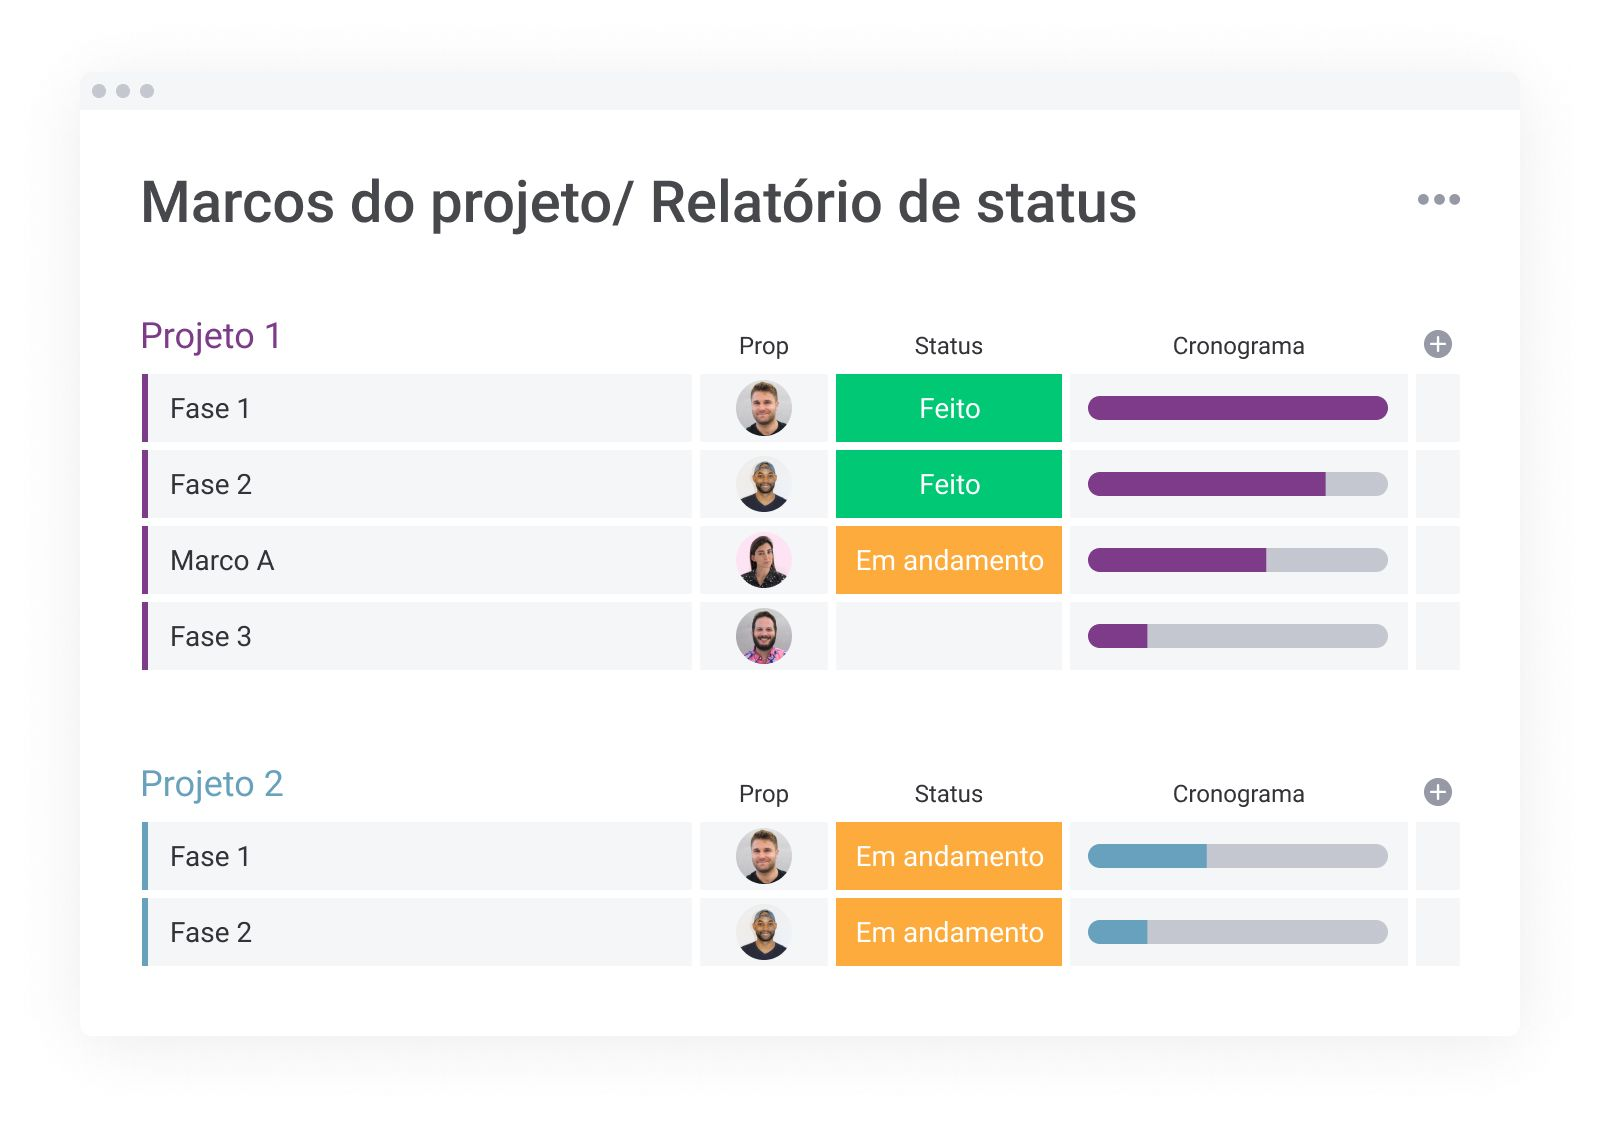 Marcos do projeto/ Relatório de status